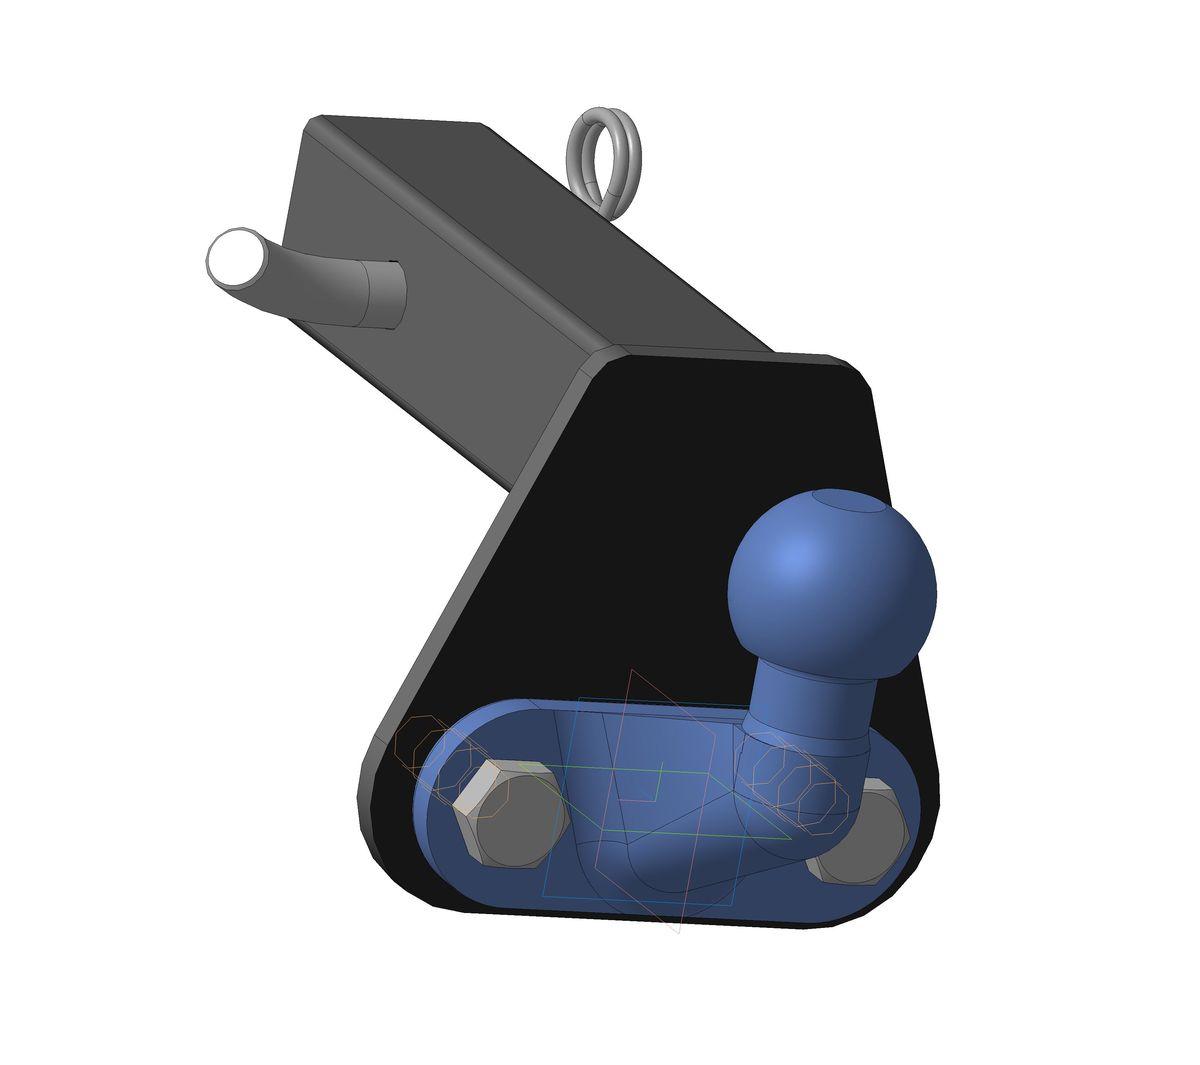 Шаровый узел Bosal на американские автомобили (под квадратное отверстие на 50 в корпусе ТСУ) на базе шара F, грузоподъемностью 2000 кг, 7801-F7801-FТип шара F – съемный, кованый шар с 2 отверстиями, грузоподъемность 3500 кг